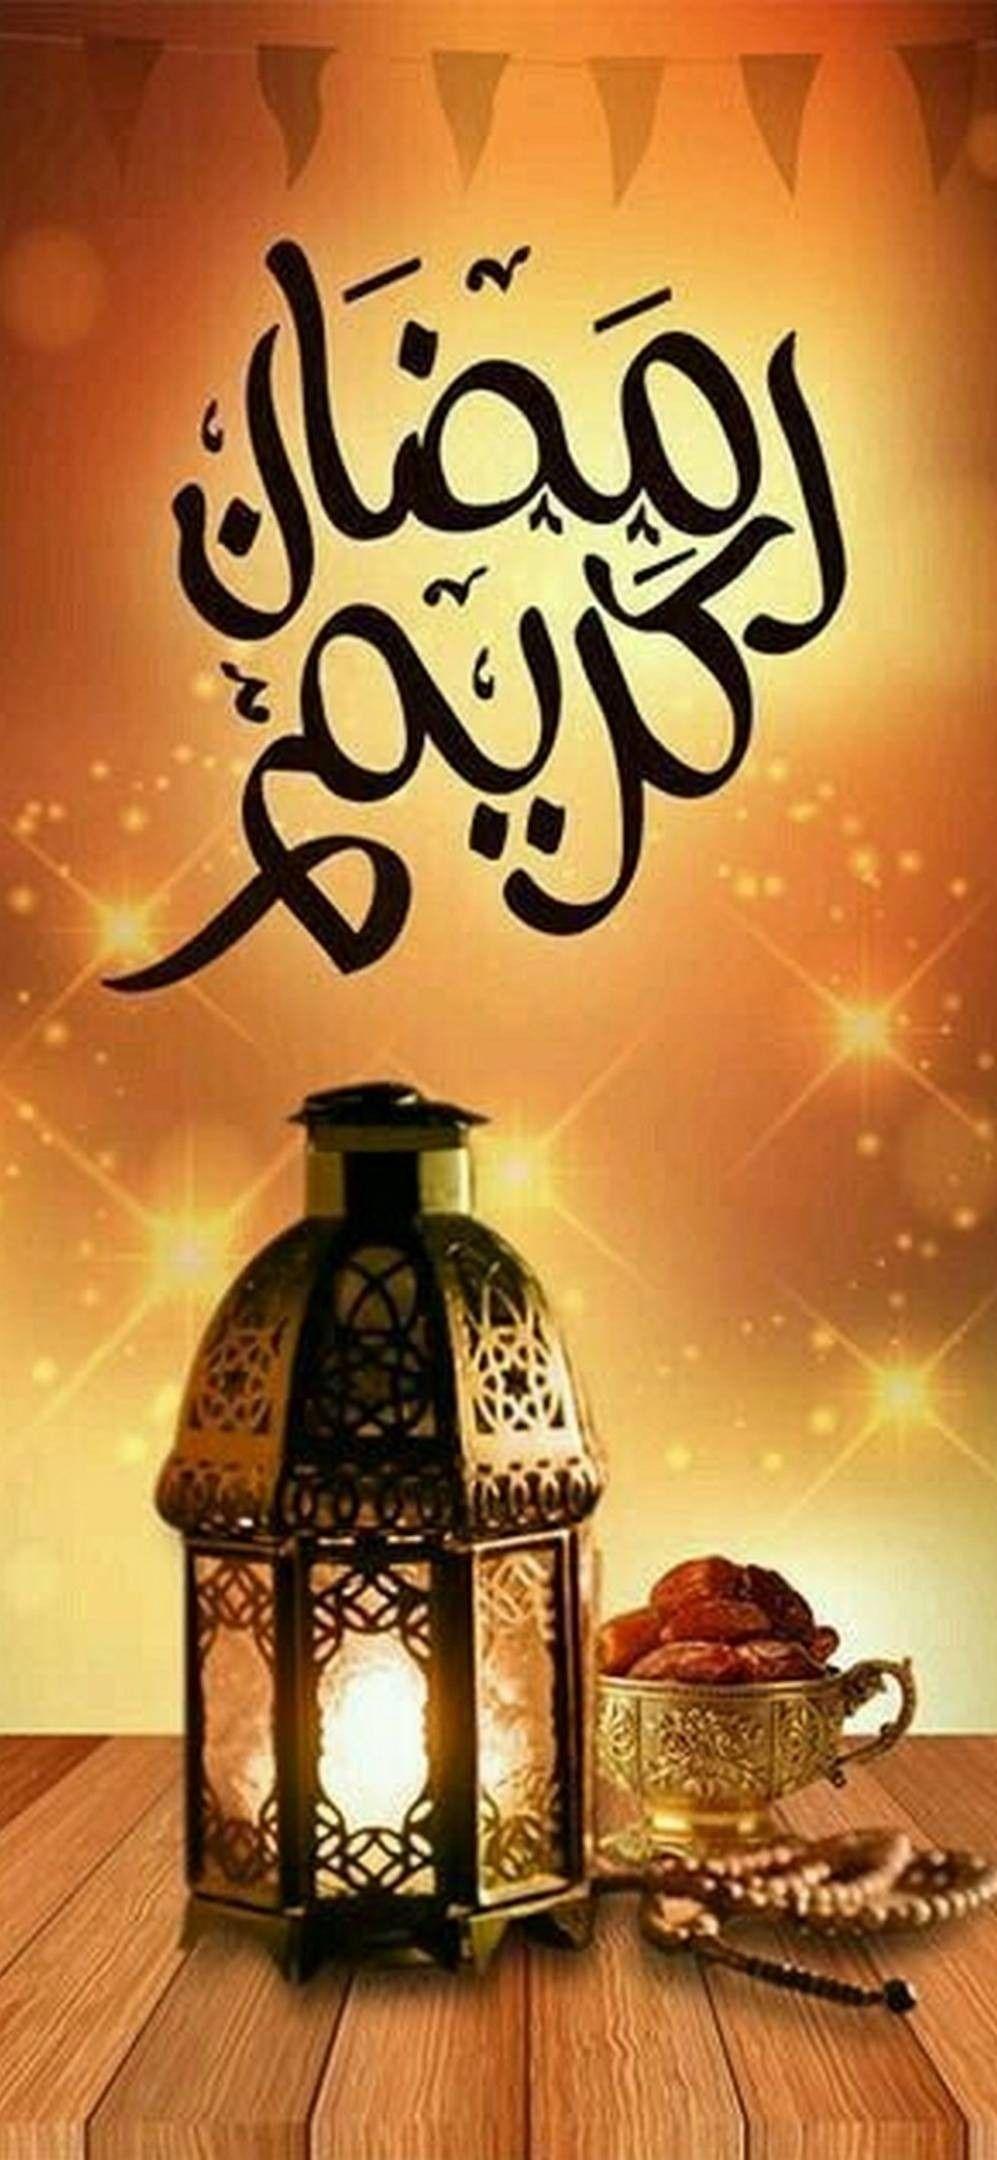 Ramadan Mubarak Beautiful Nature Wallpaper Ramzan Mubarak Image Novelty Lamp